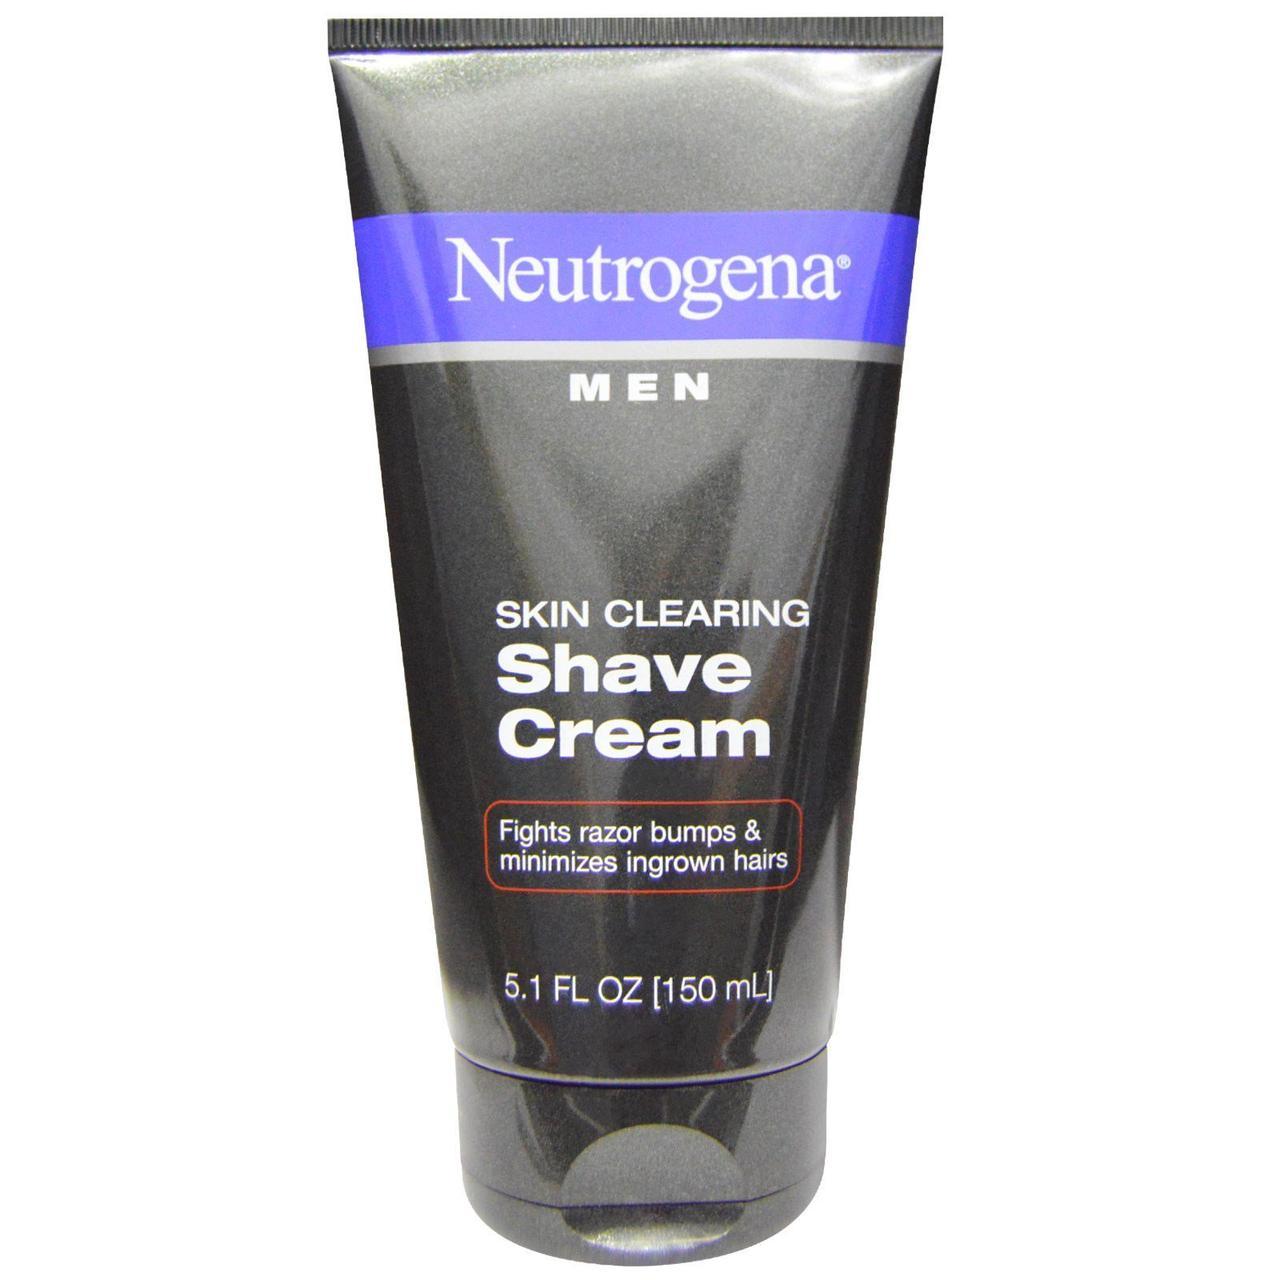 Neutrogena, Очищення шкіри, чоловічий крем для гоління, 5,1 рідких унцій (150 мл)